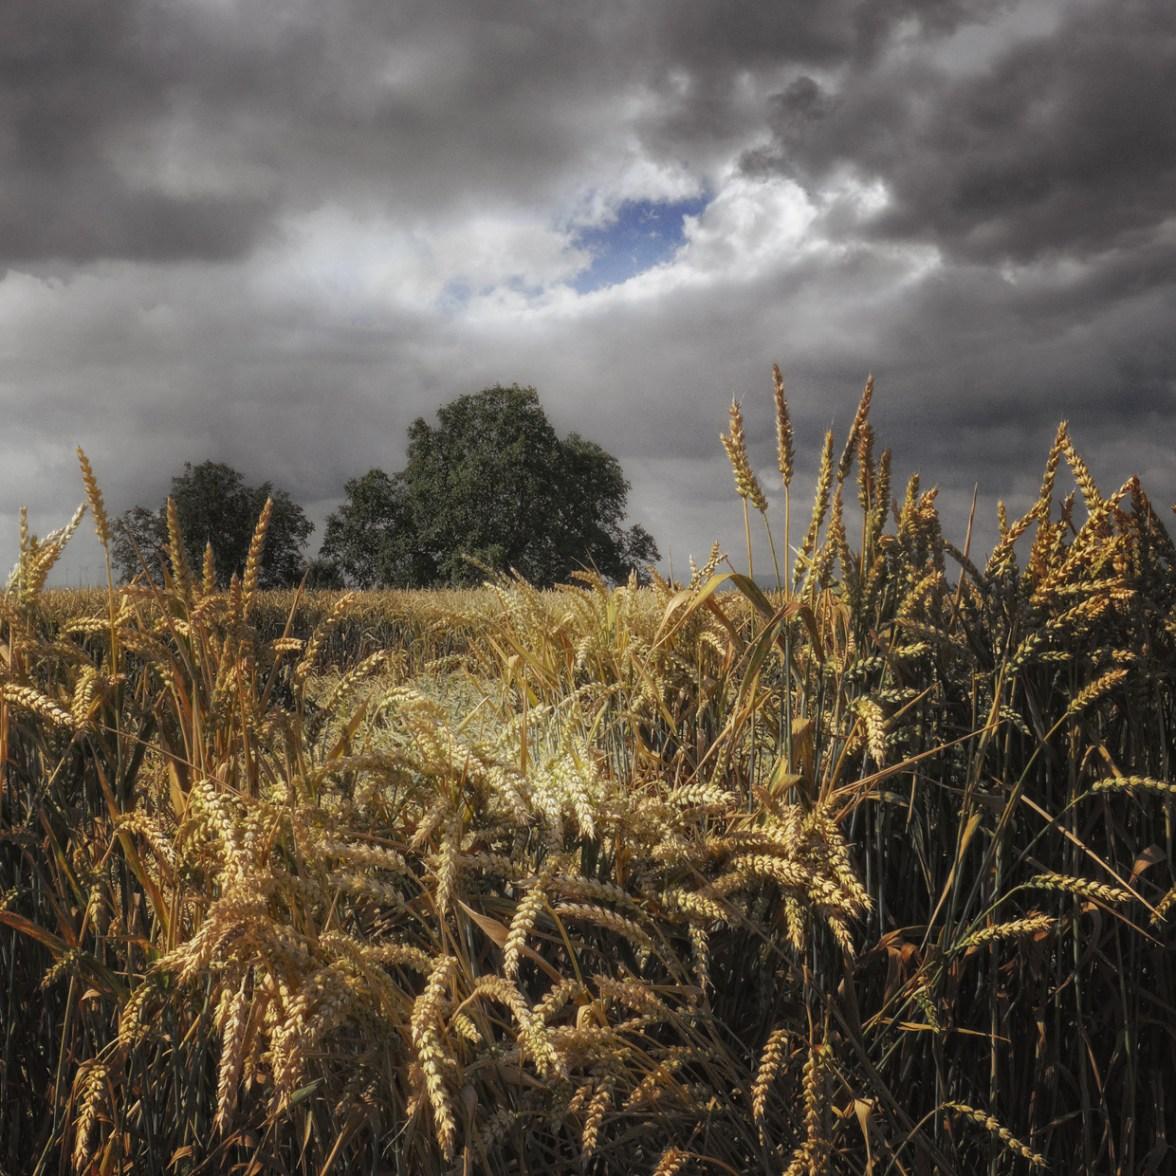 Wheat Field © Bernd Webler